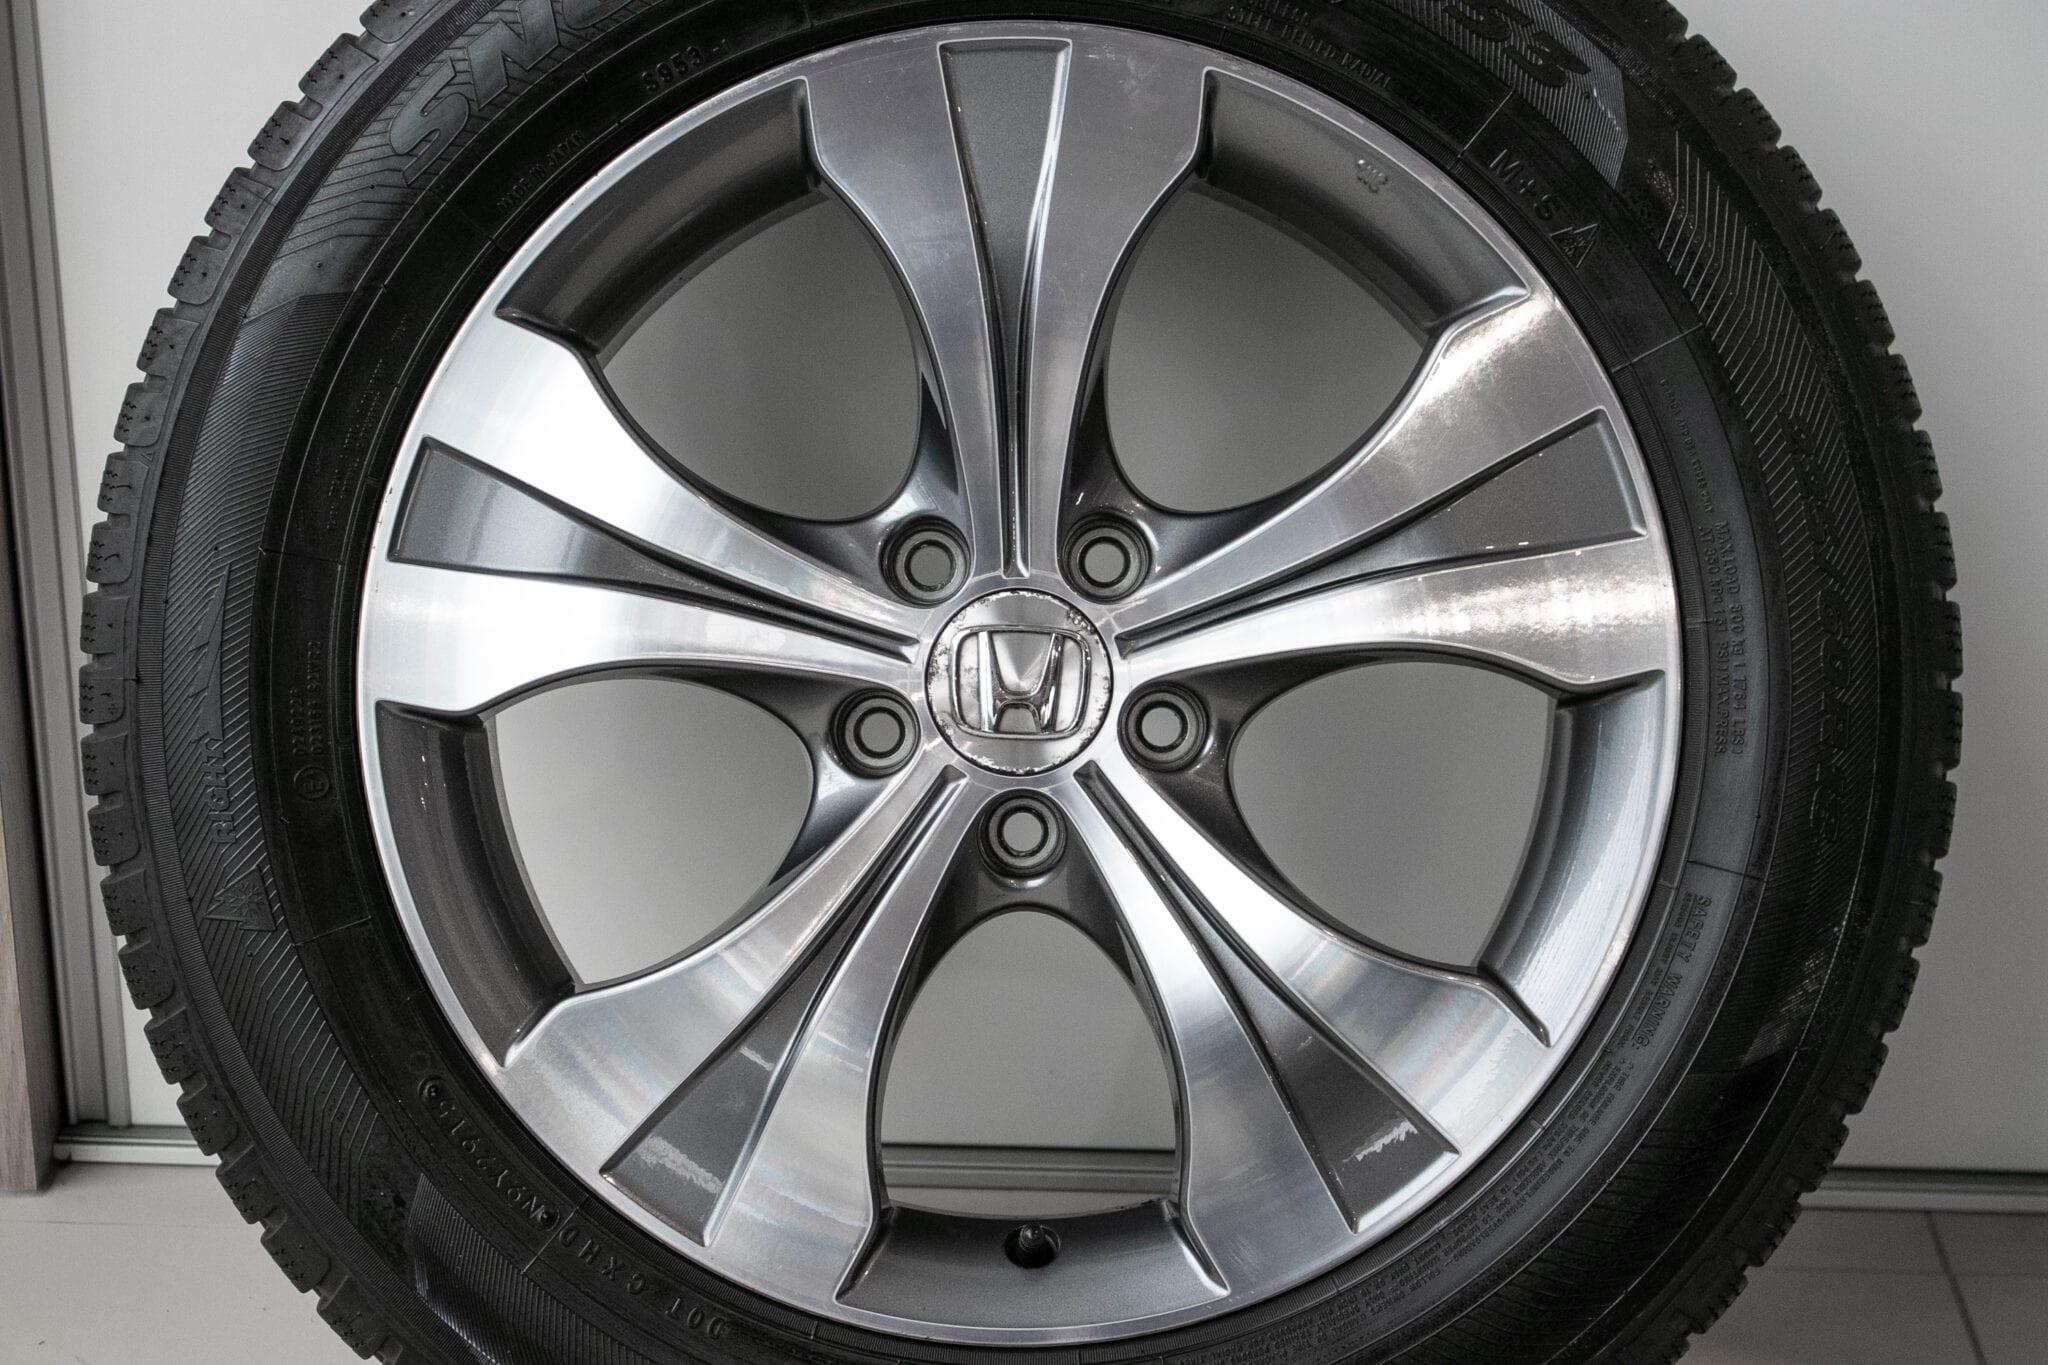 """18"""" Winterwielen voor de Honda CR-V ('07-'17) €599,- Gebruikt. Profieldiepte: 6.3mm - 7.6mm"""